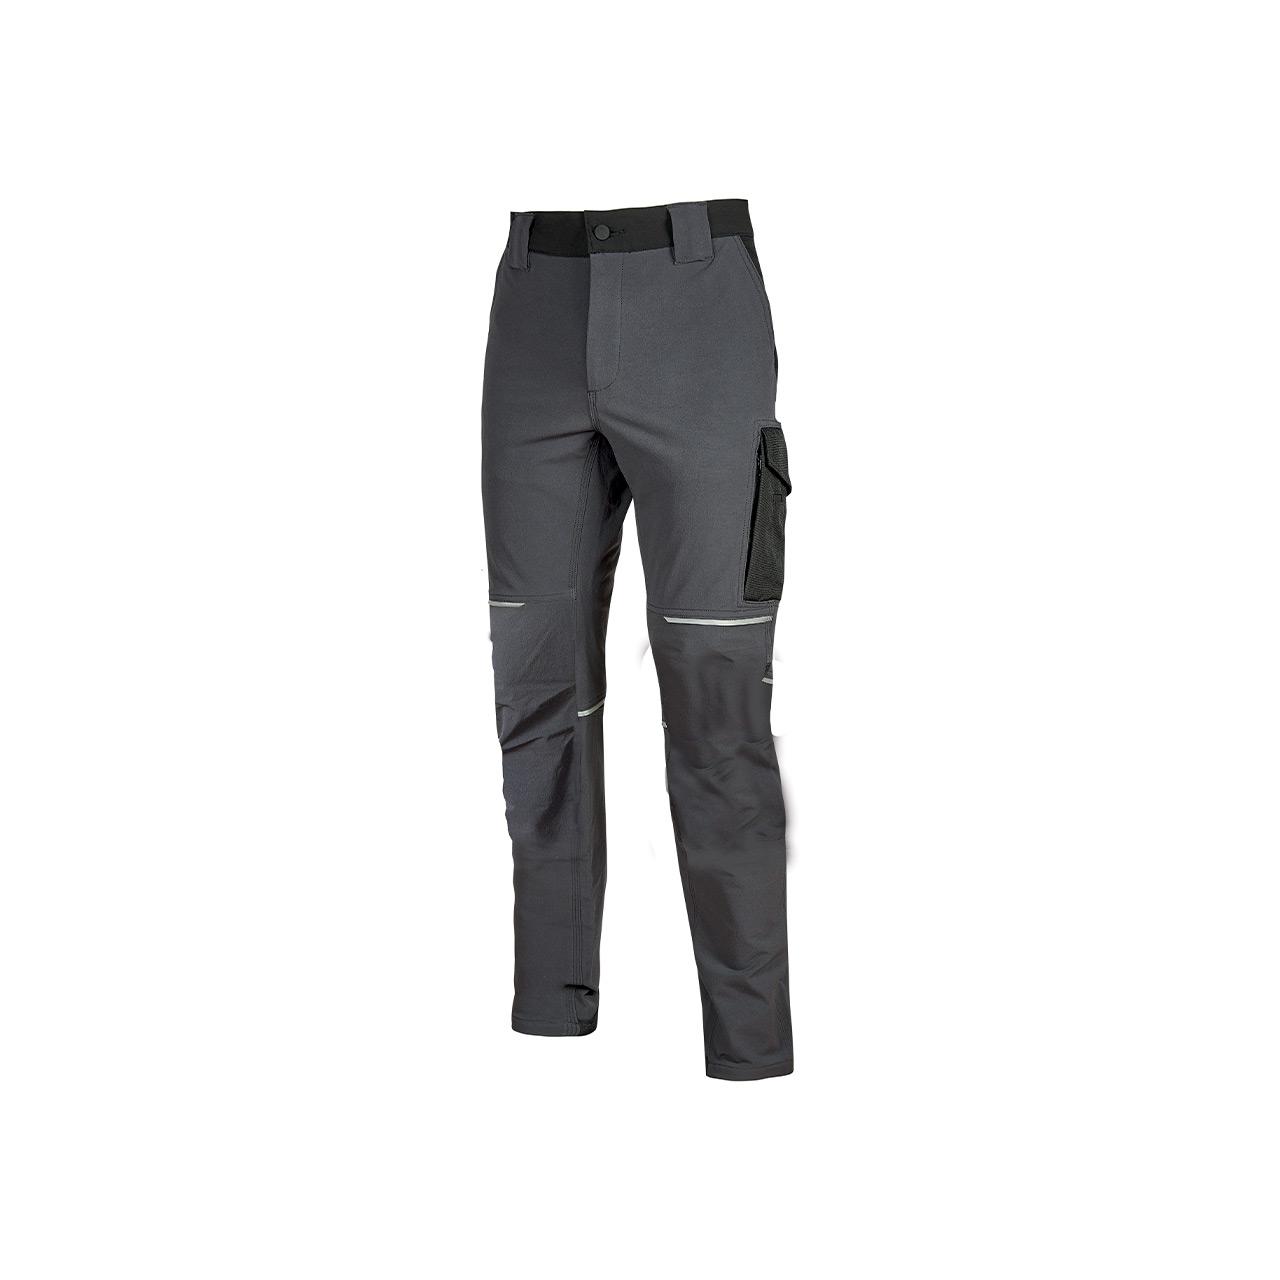 pantalone da lavoro upower modello world colore asphalt